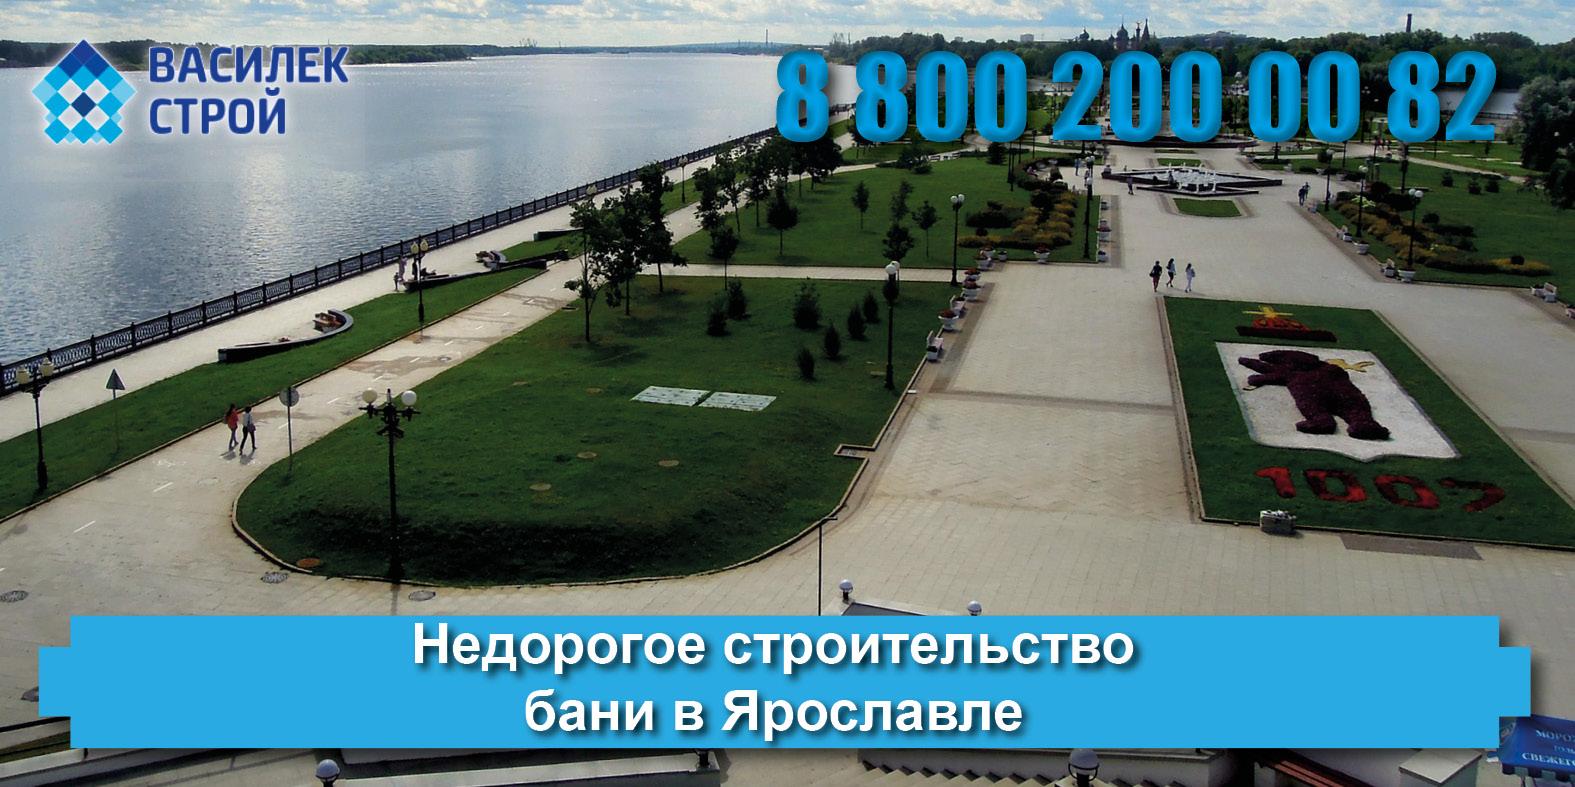 Недорогое строительство бани в Ярославле